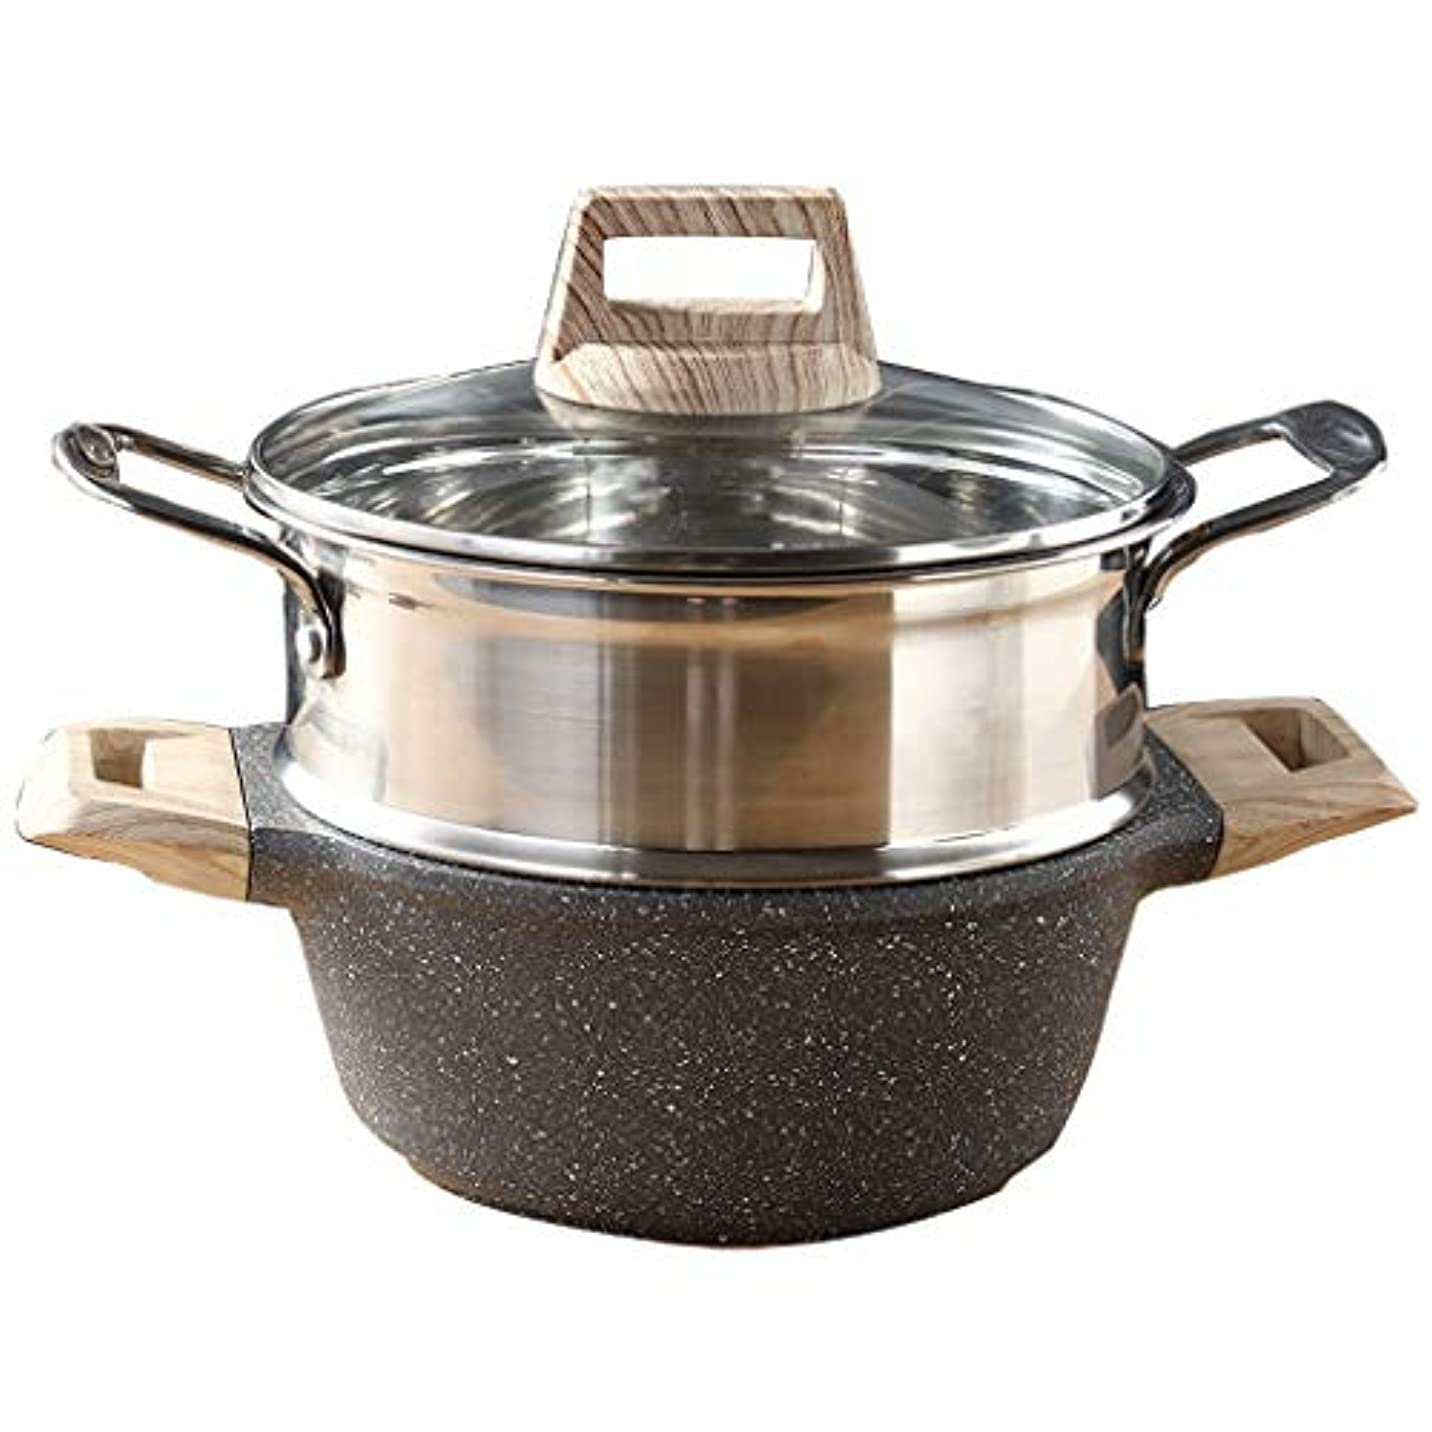 財産ヘルパーご予約MHTCJ 304麦飯ステンレス鋼の蒸気石、ノンスティックパン、スープの蒸気釜の上部に、吸収性ガラスの瓶のふたIHコンロプレート